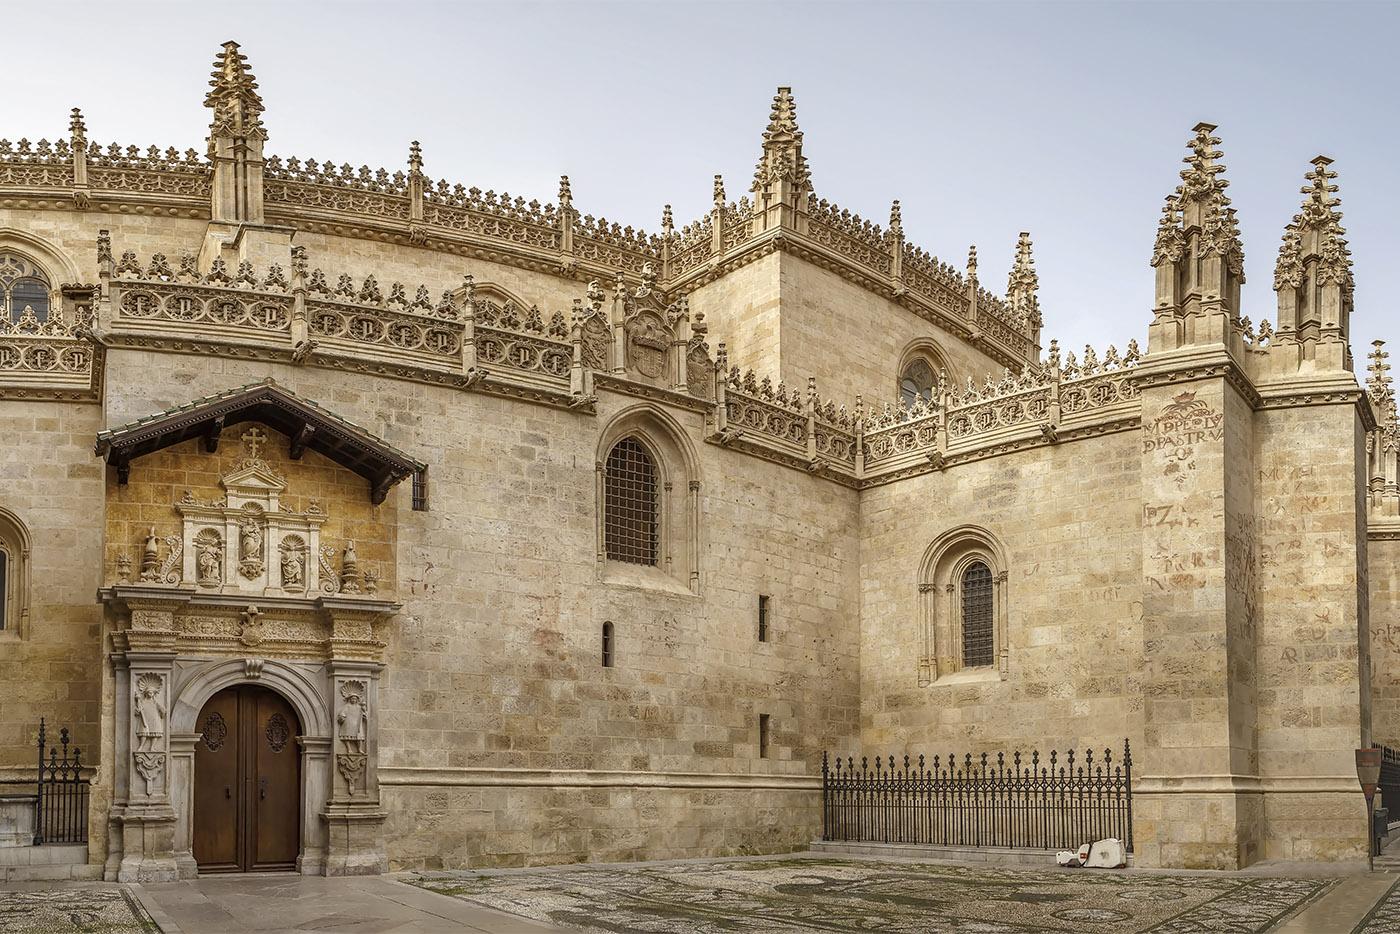 Chapelle Royale de Grenade